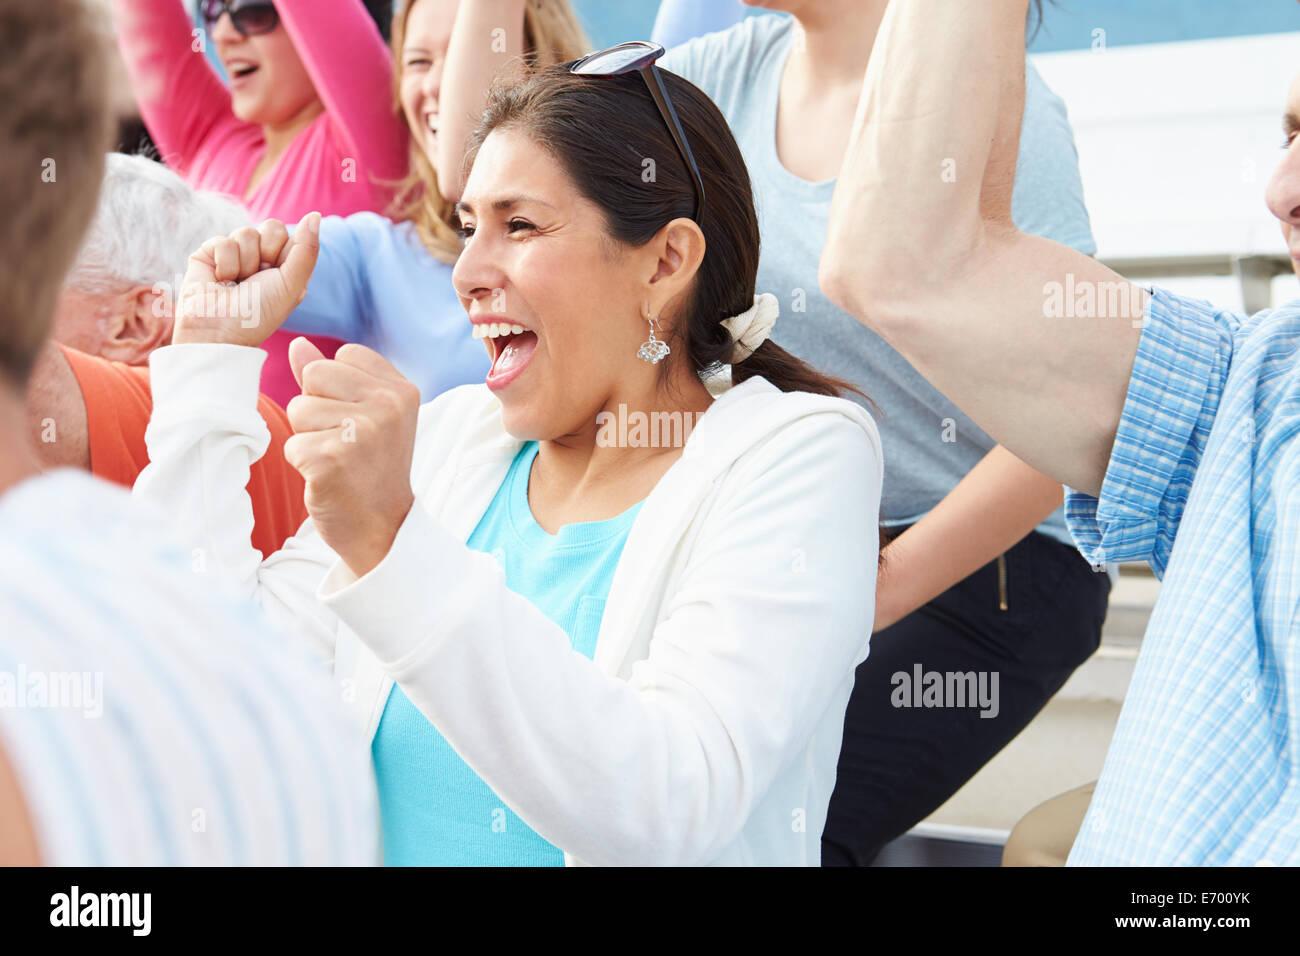 Mujer en la muchedumbre que celebra en evento deportivo Imagen De Stock